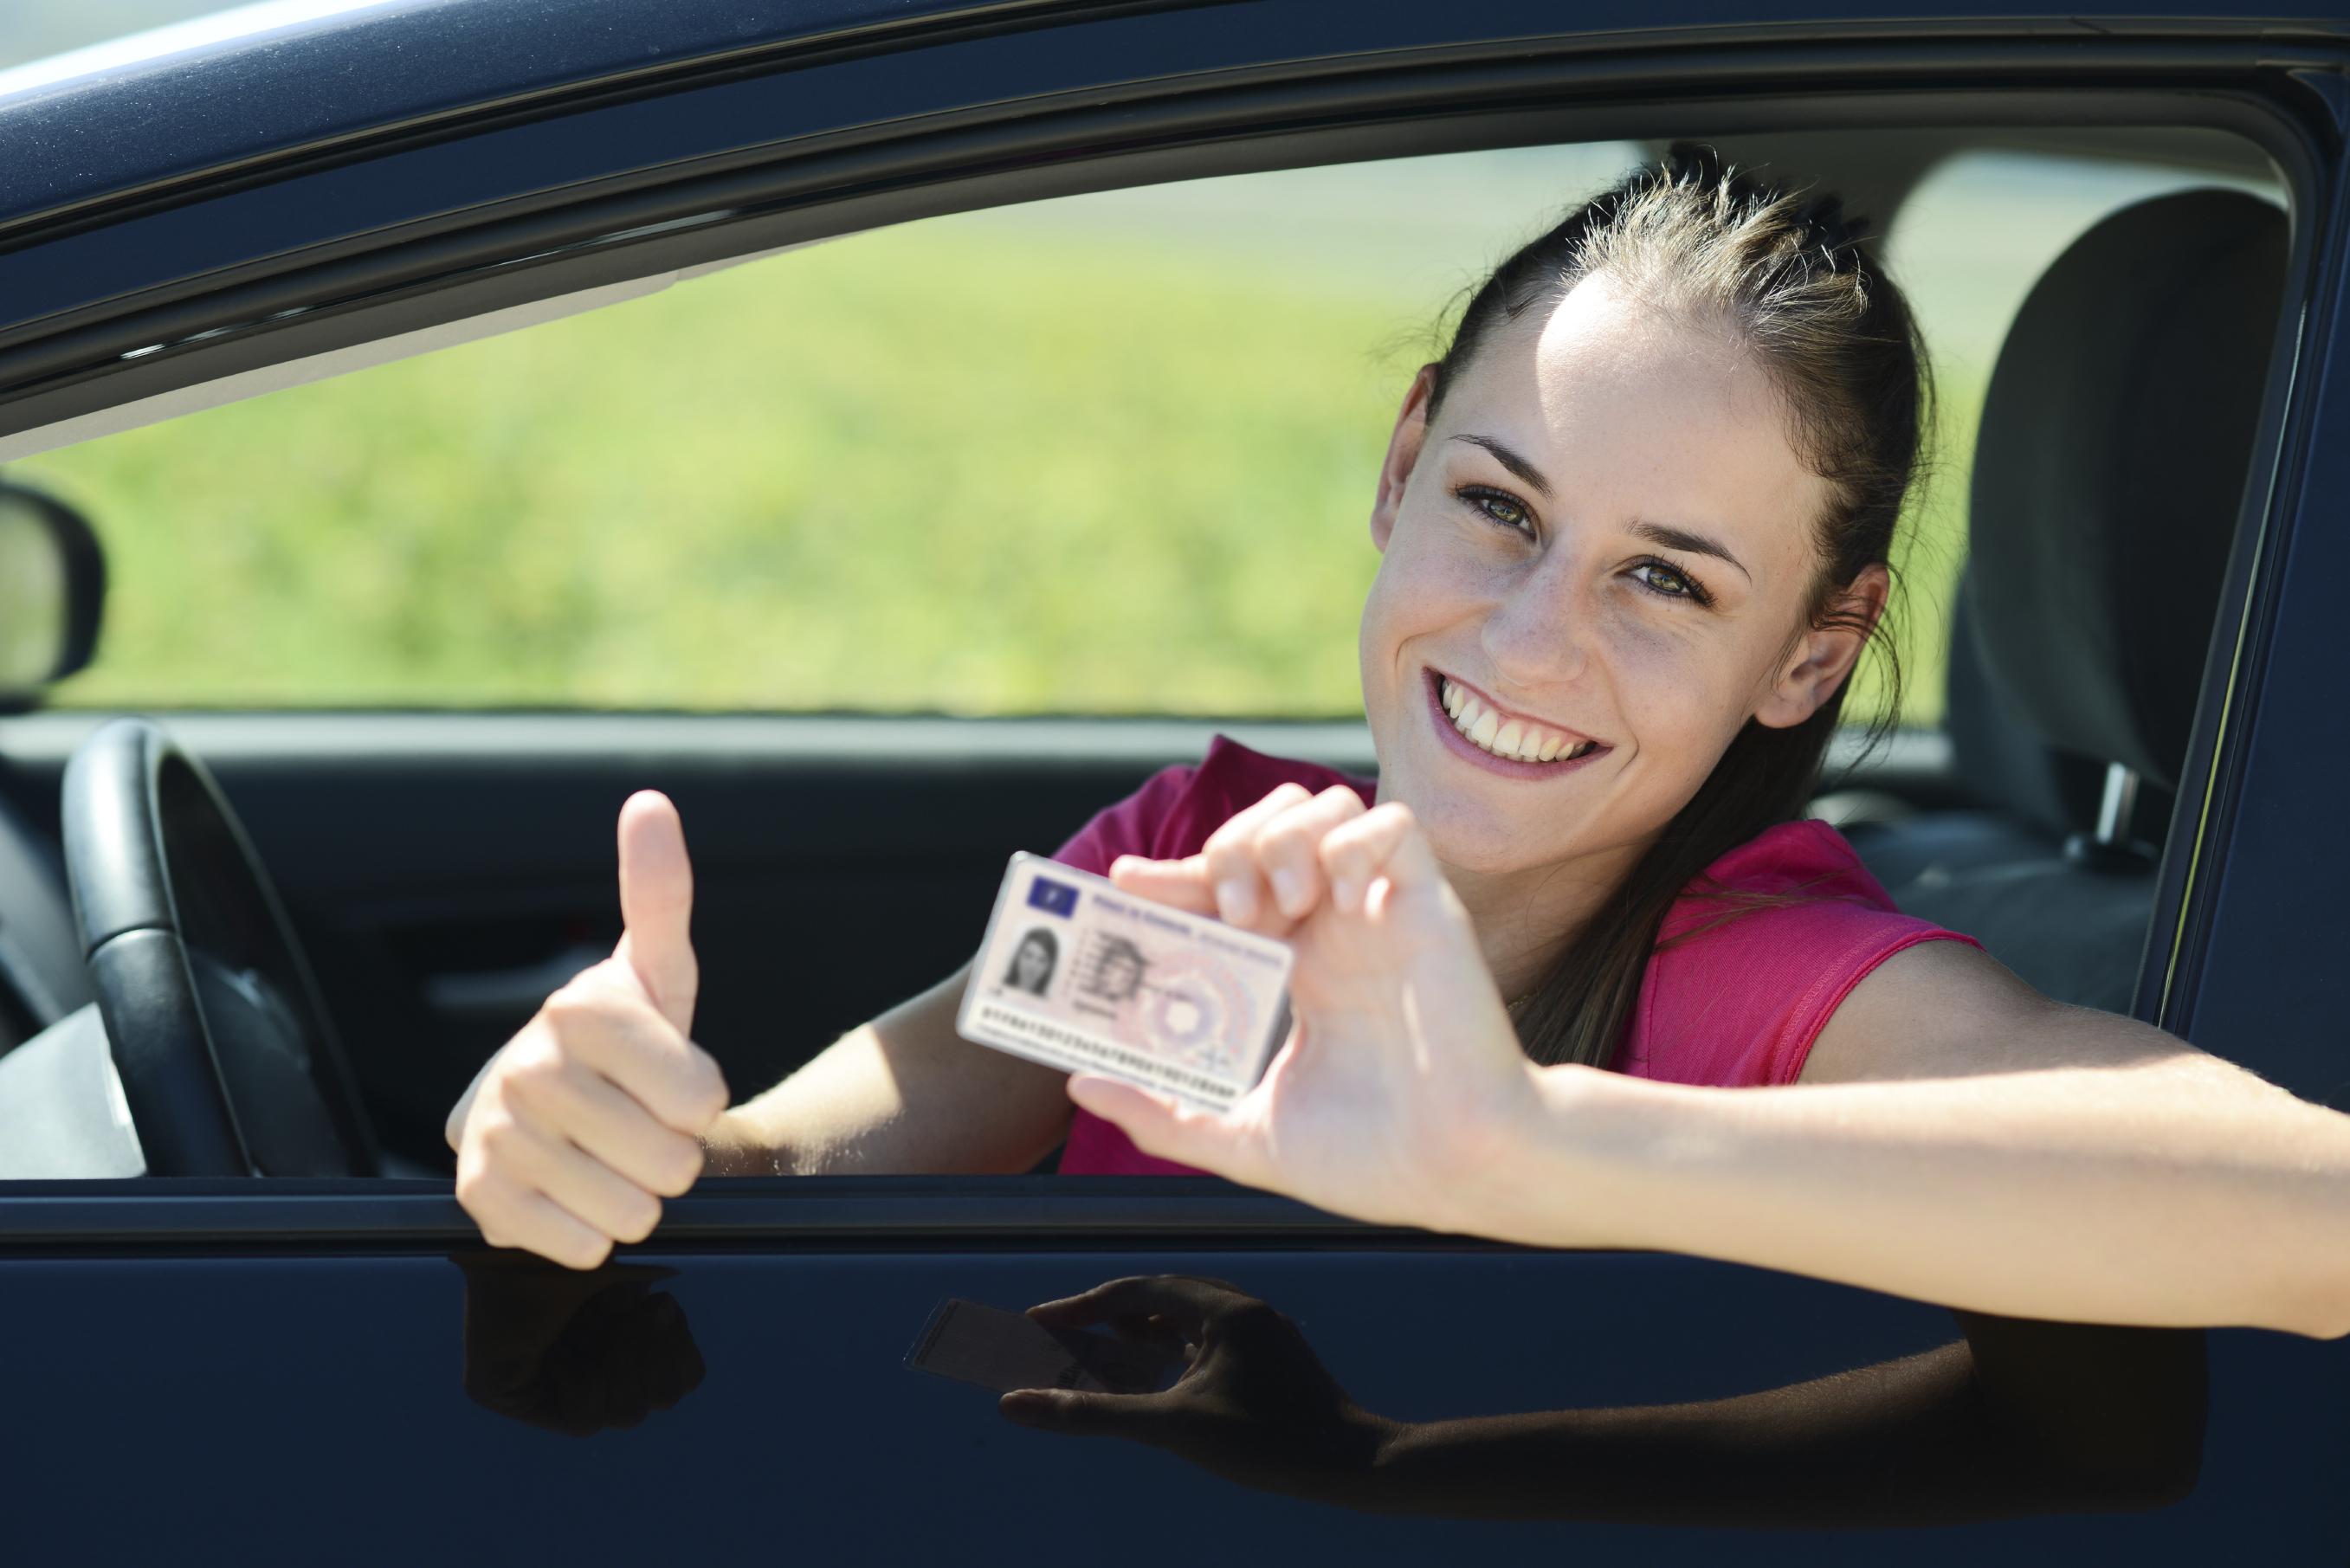 Comment préparer au mieux son permis de conduire?